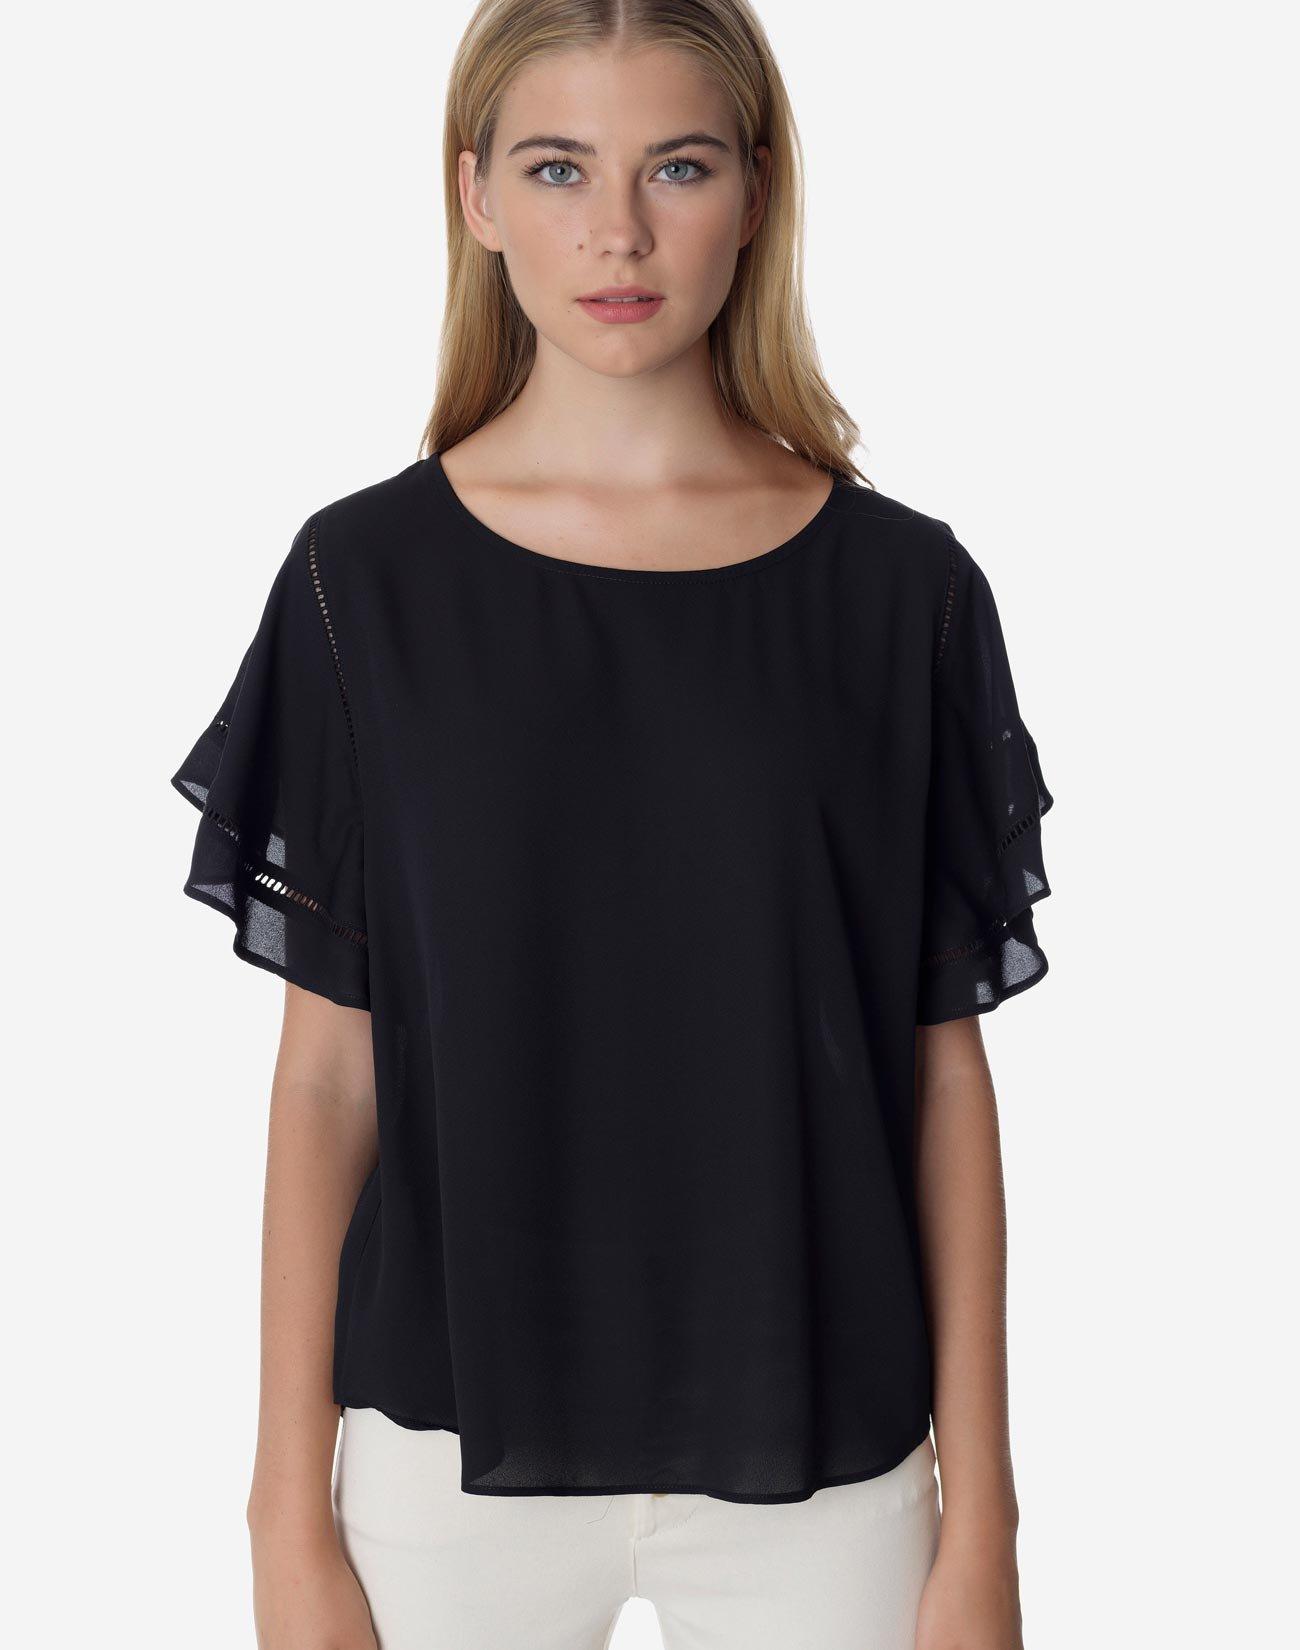 Μπλούζα με δαντελωτές λεπτομέρειες